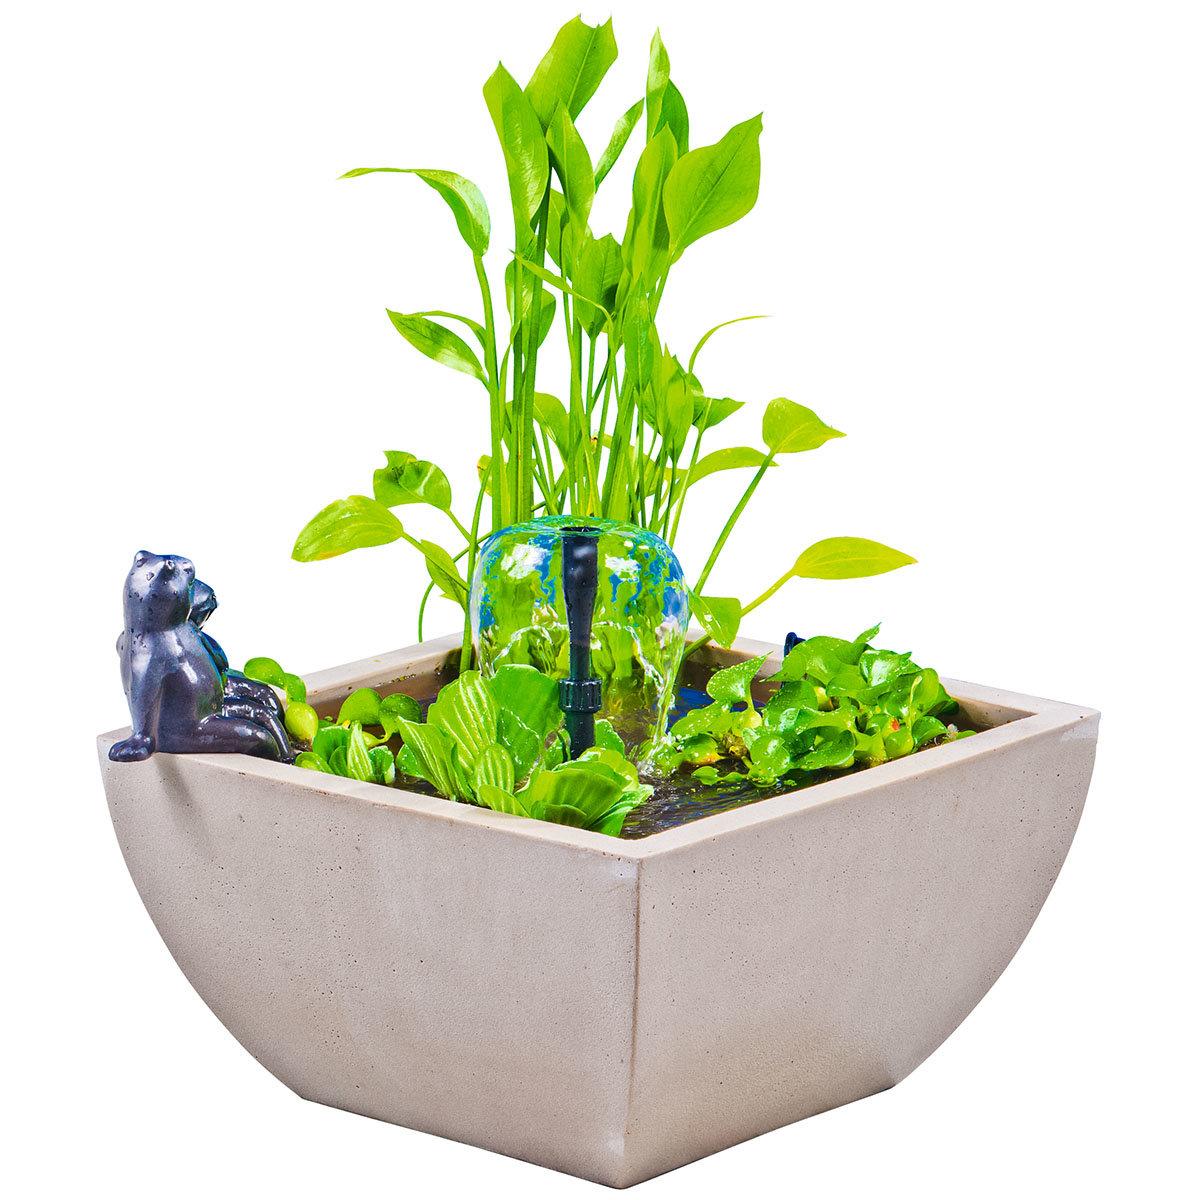 Wassergarten, Miniteich-Komplett-Set mit Pumpe, creme-weiss | #2